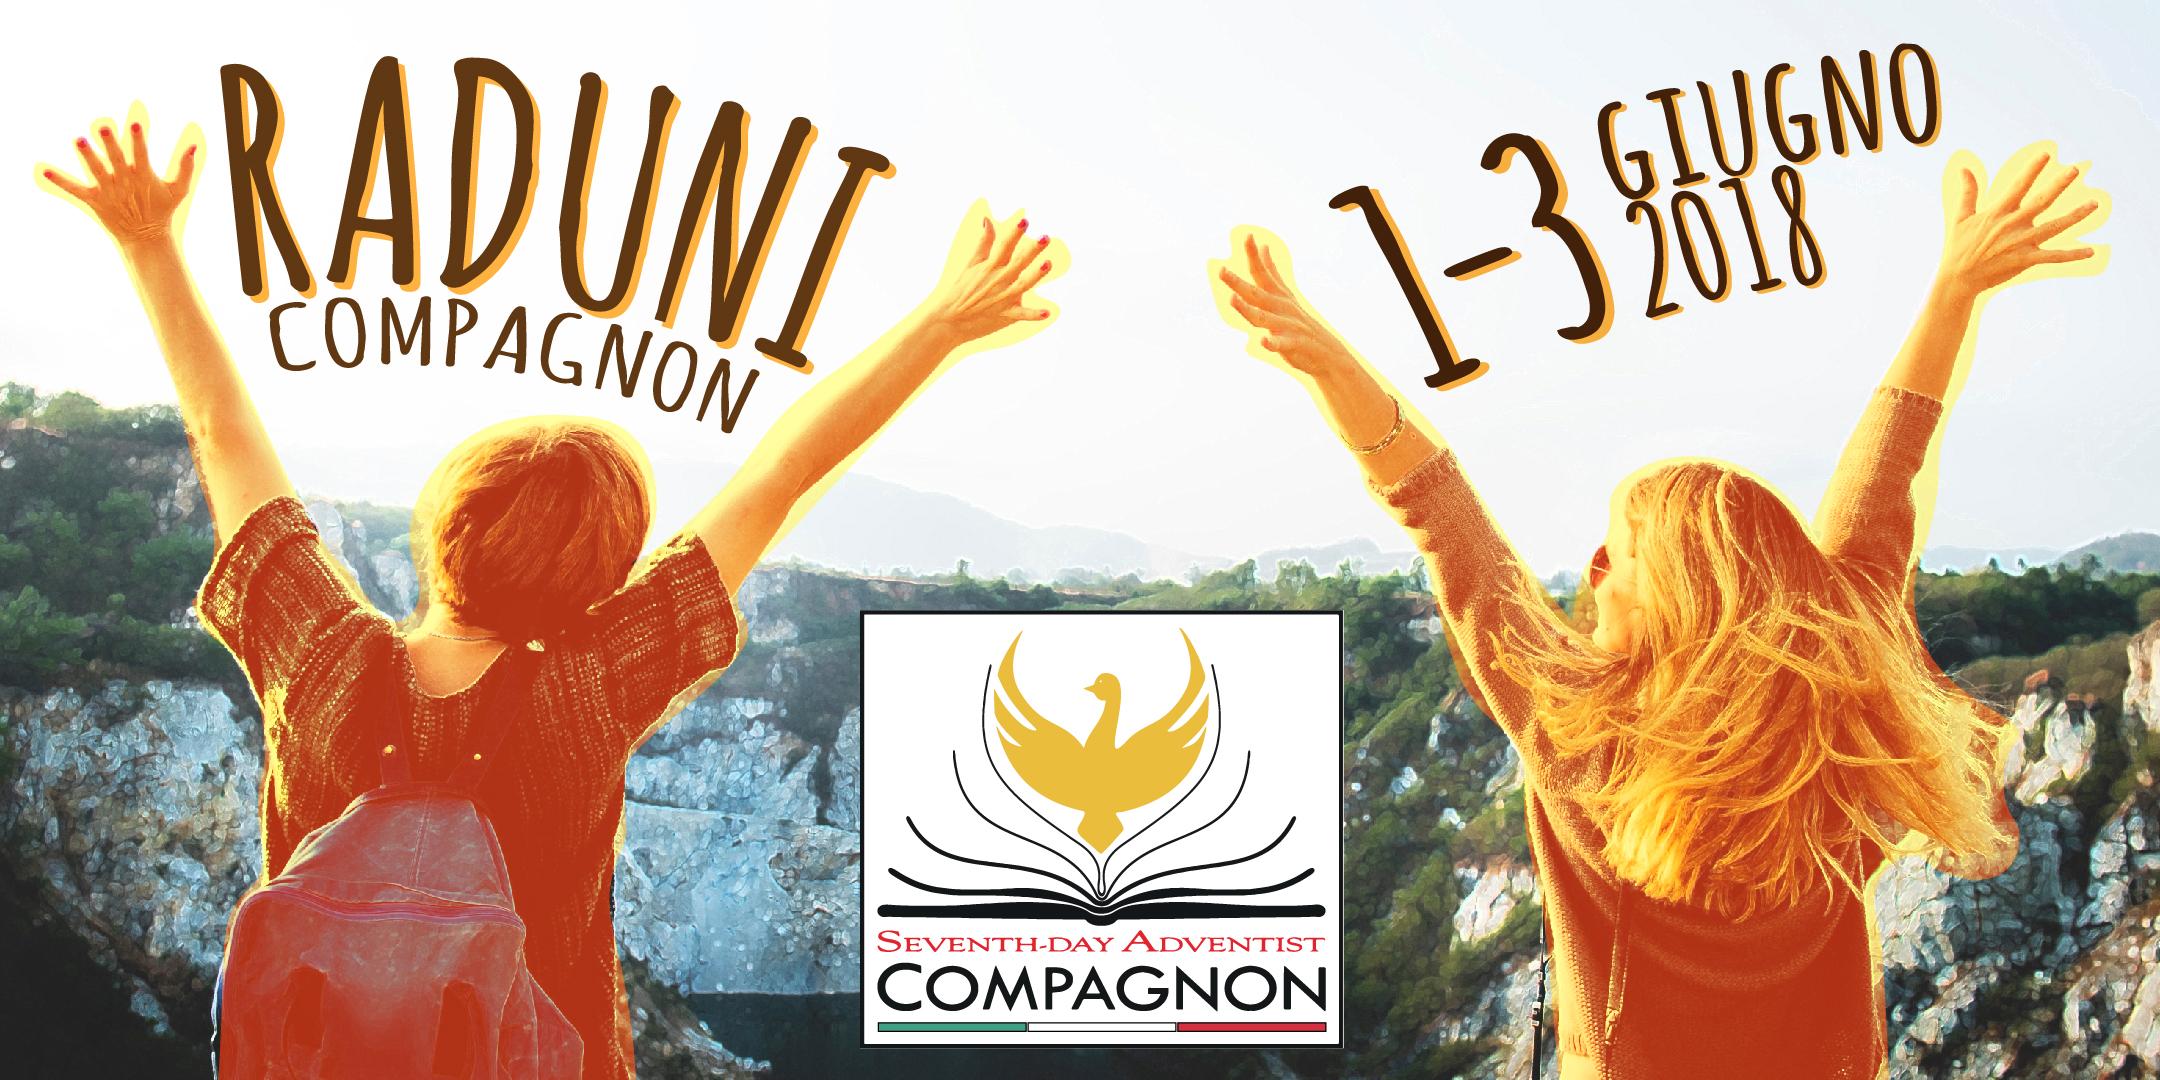 Raduni Compagnon 2018